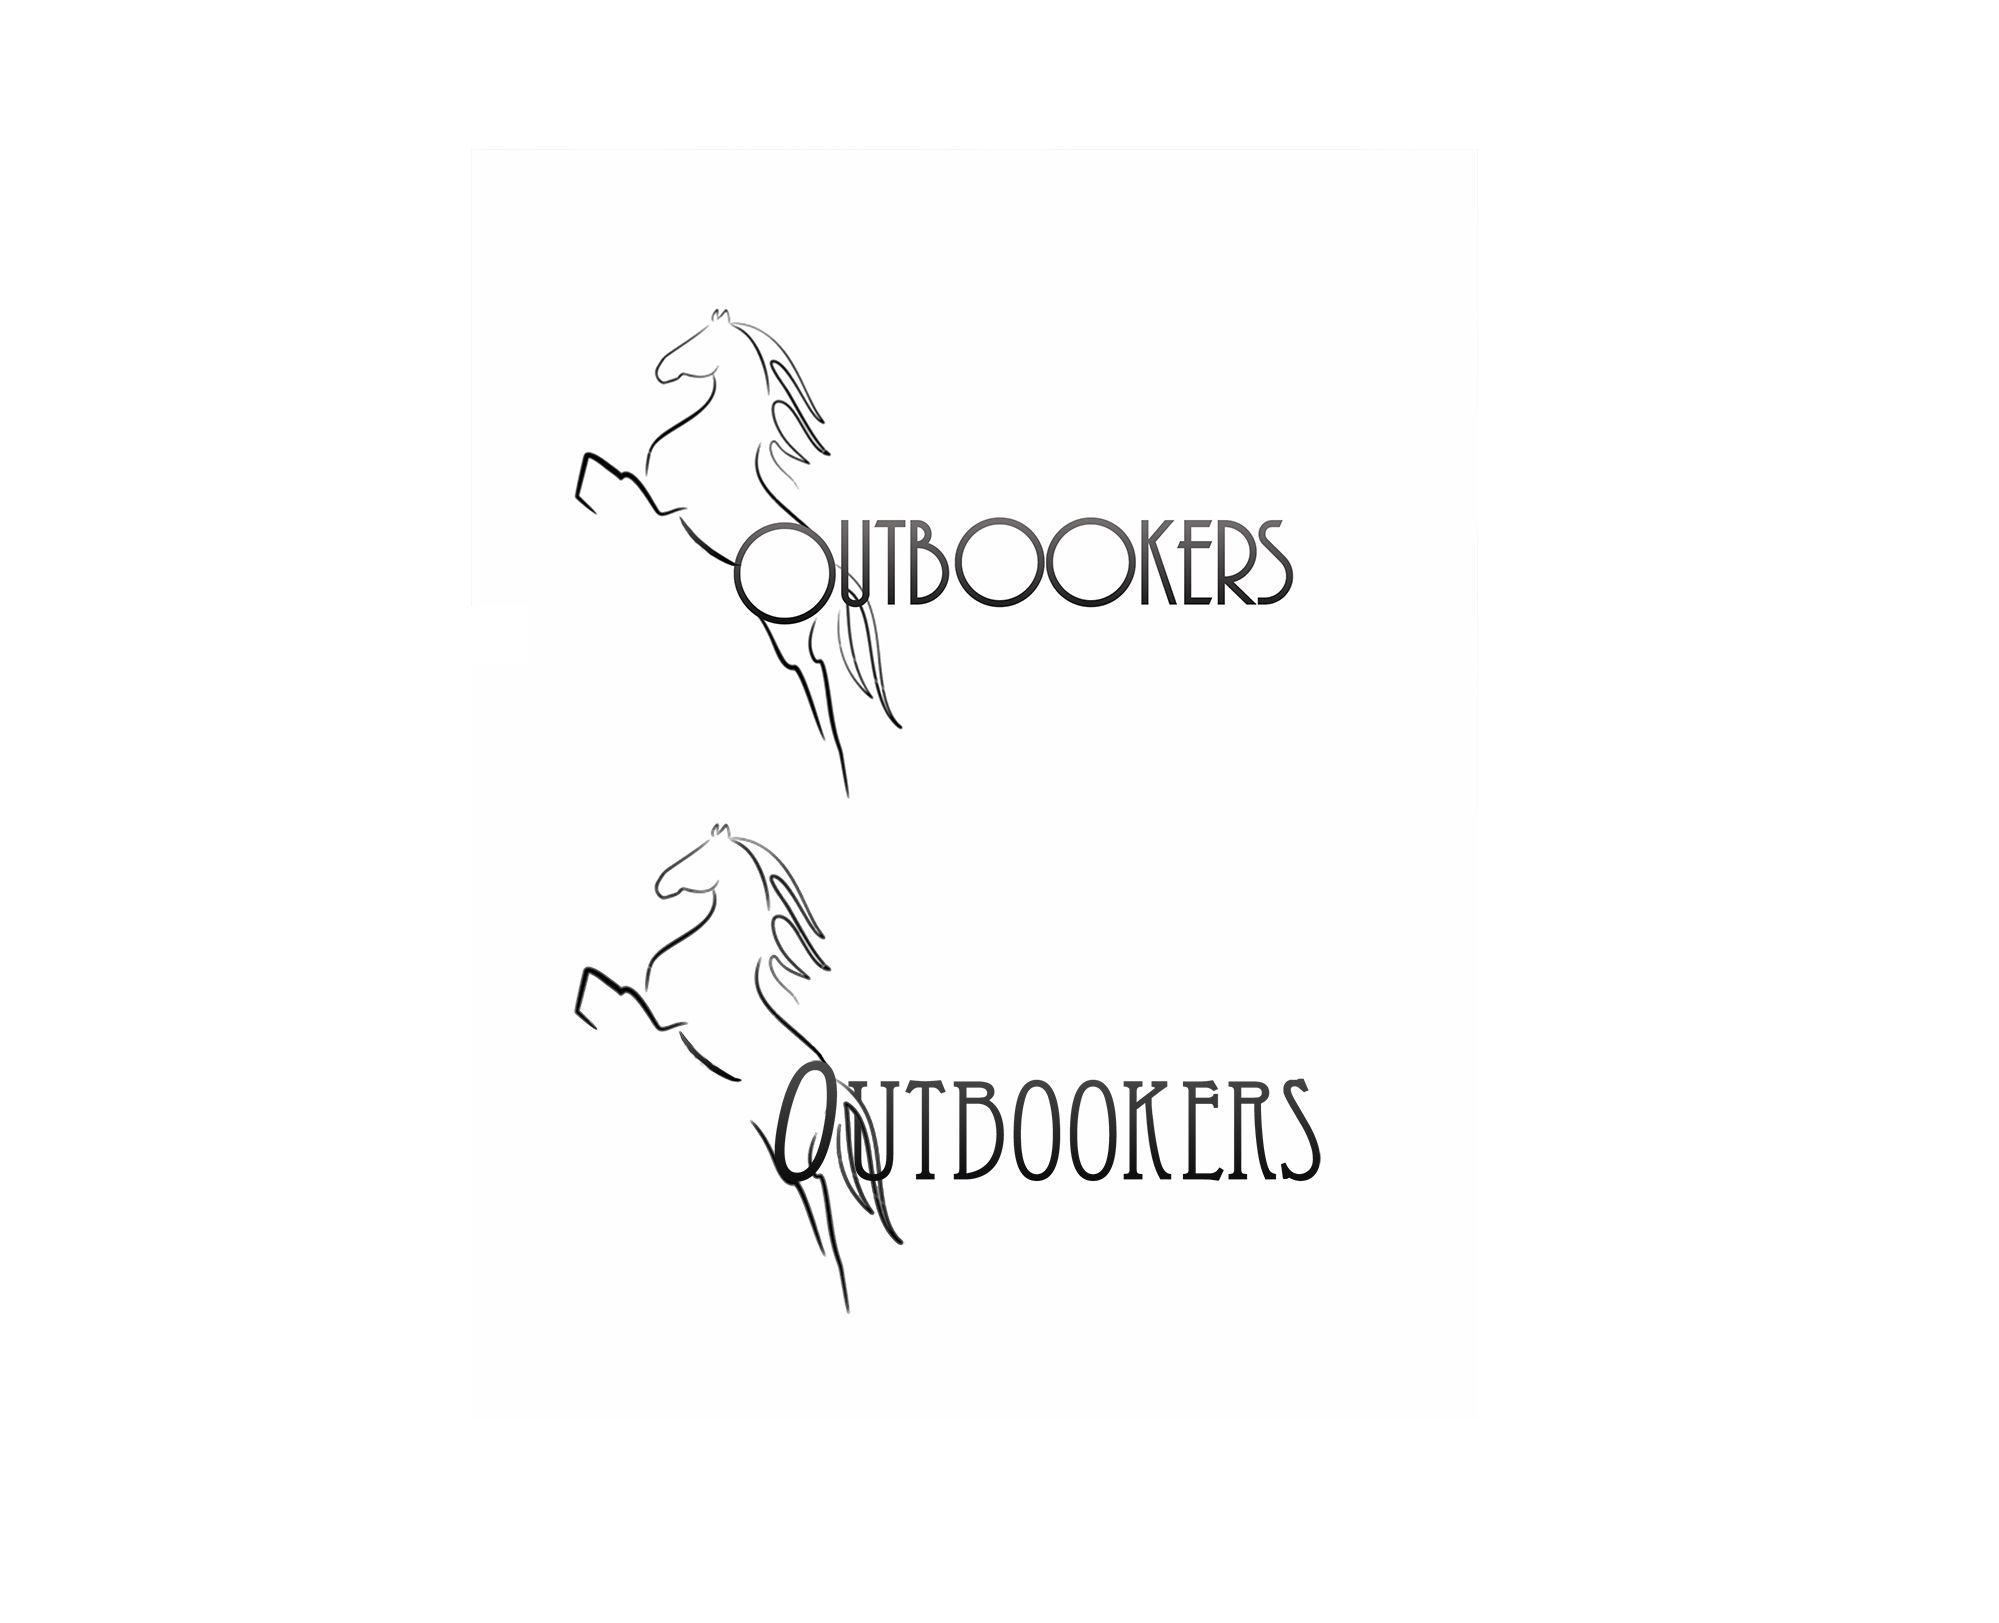 Образ лошади в логотипе (спортивная аналитика) - дизайнер Emansi_fresh